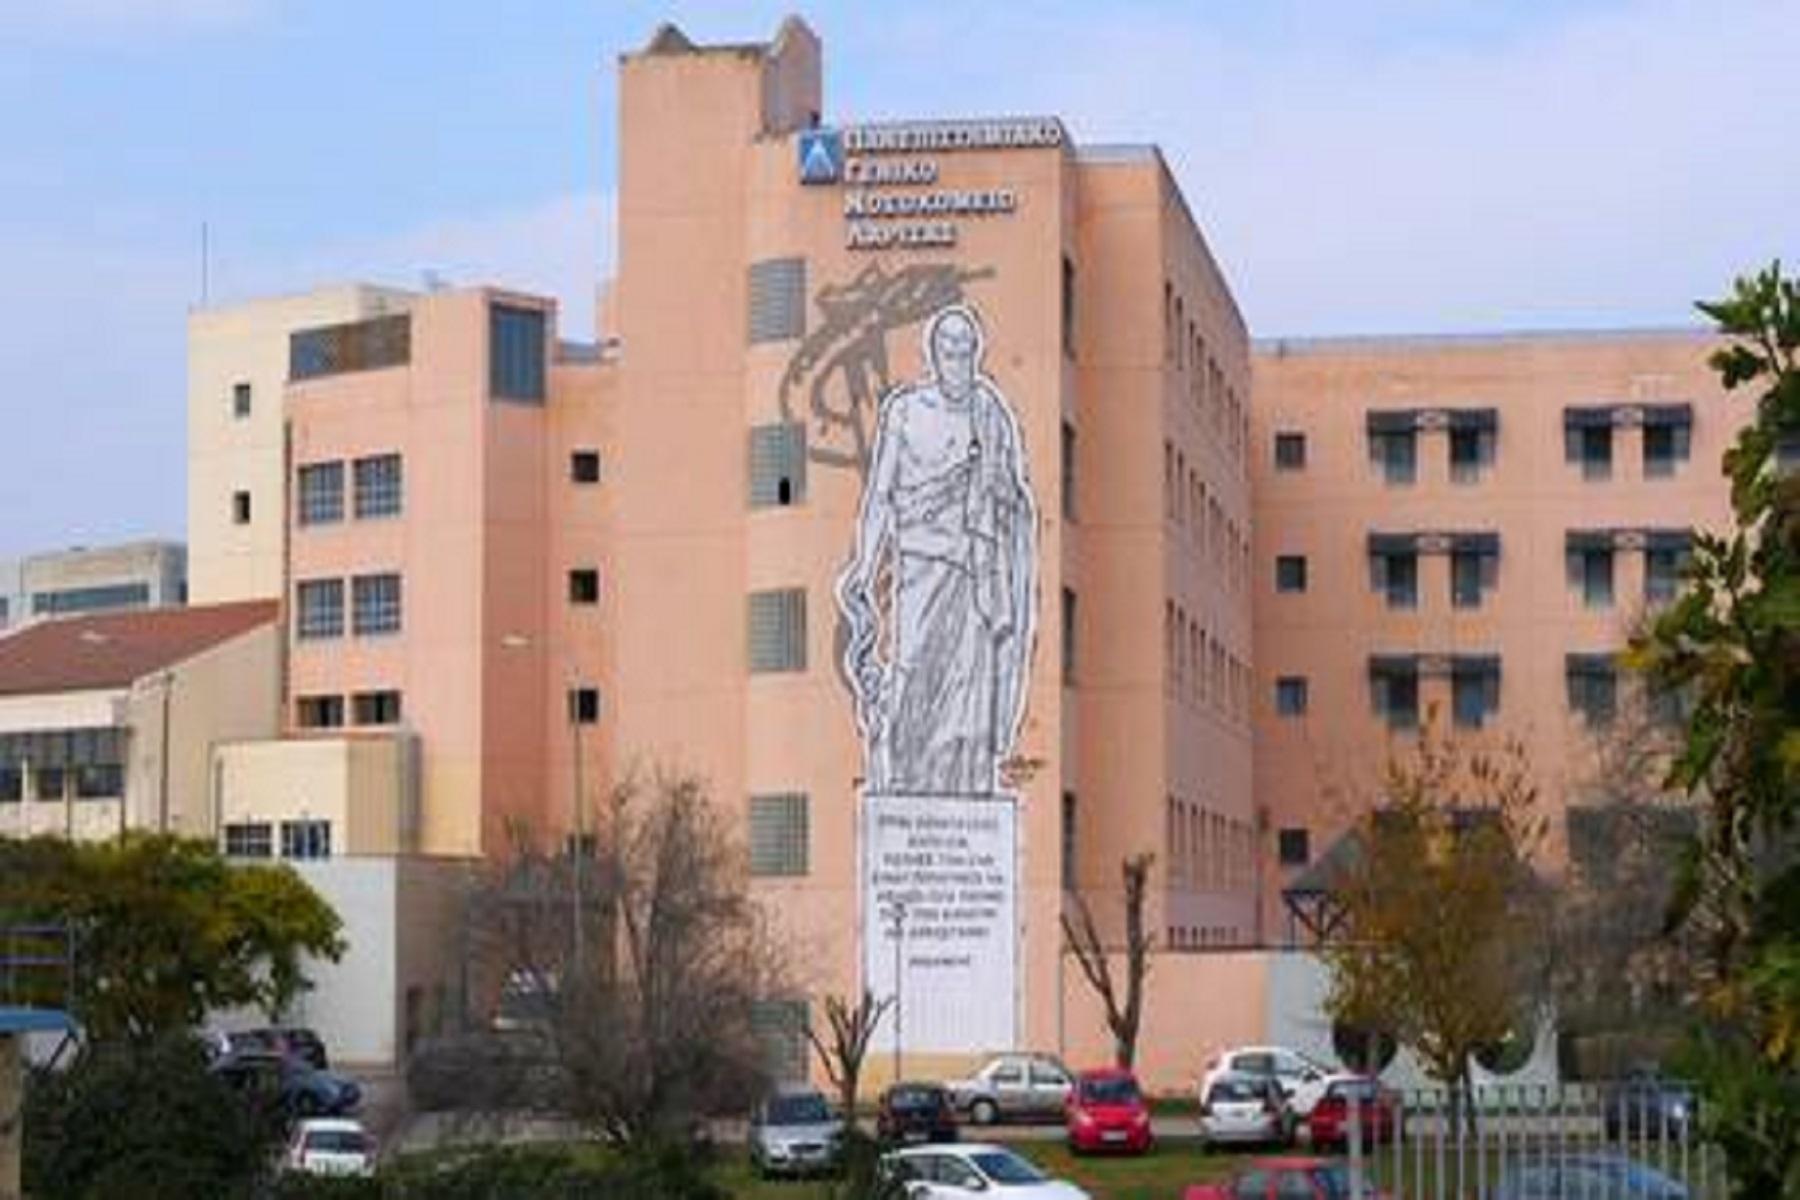 Λάρισα Νοσοκομείο: Απεργία πείνας Νοσηλευτή για καλύτερες συνθήκες